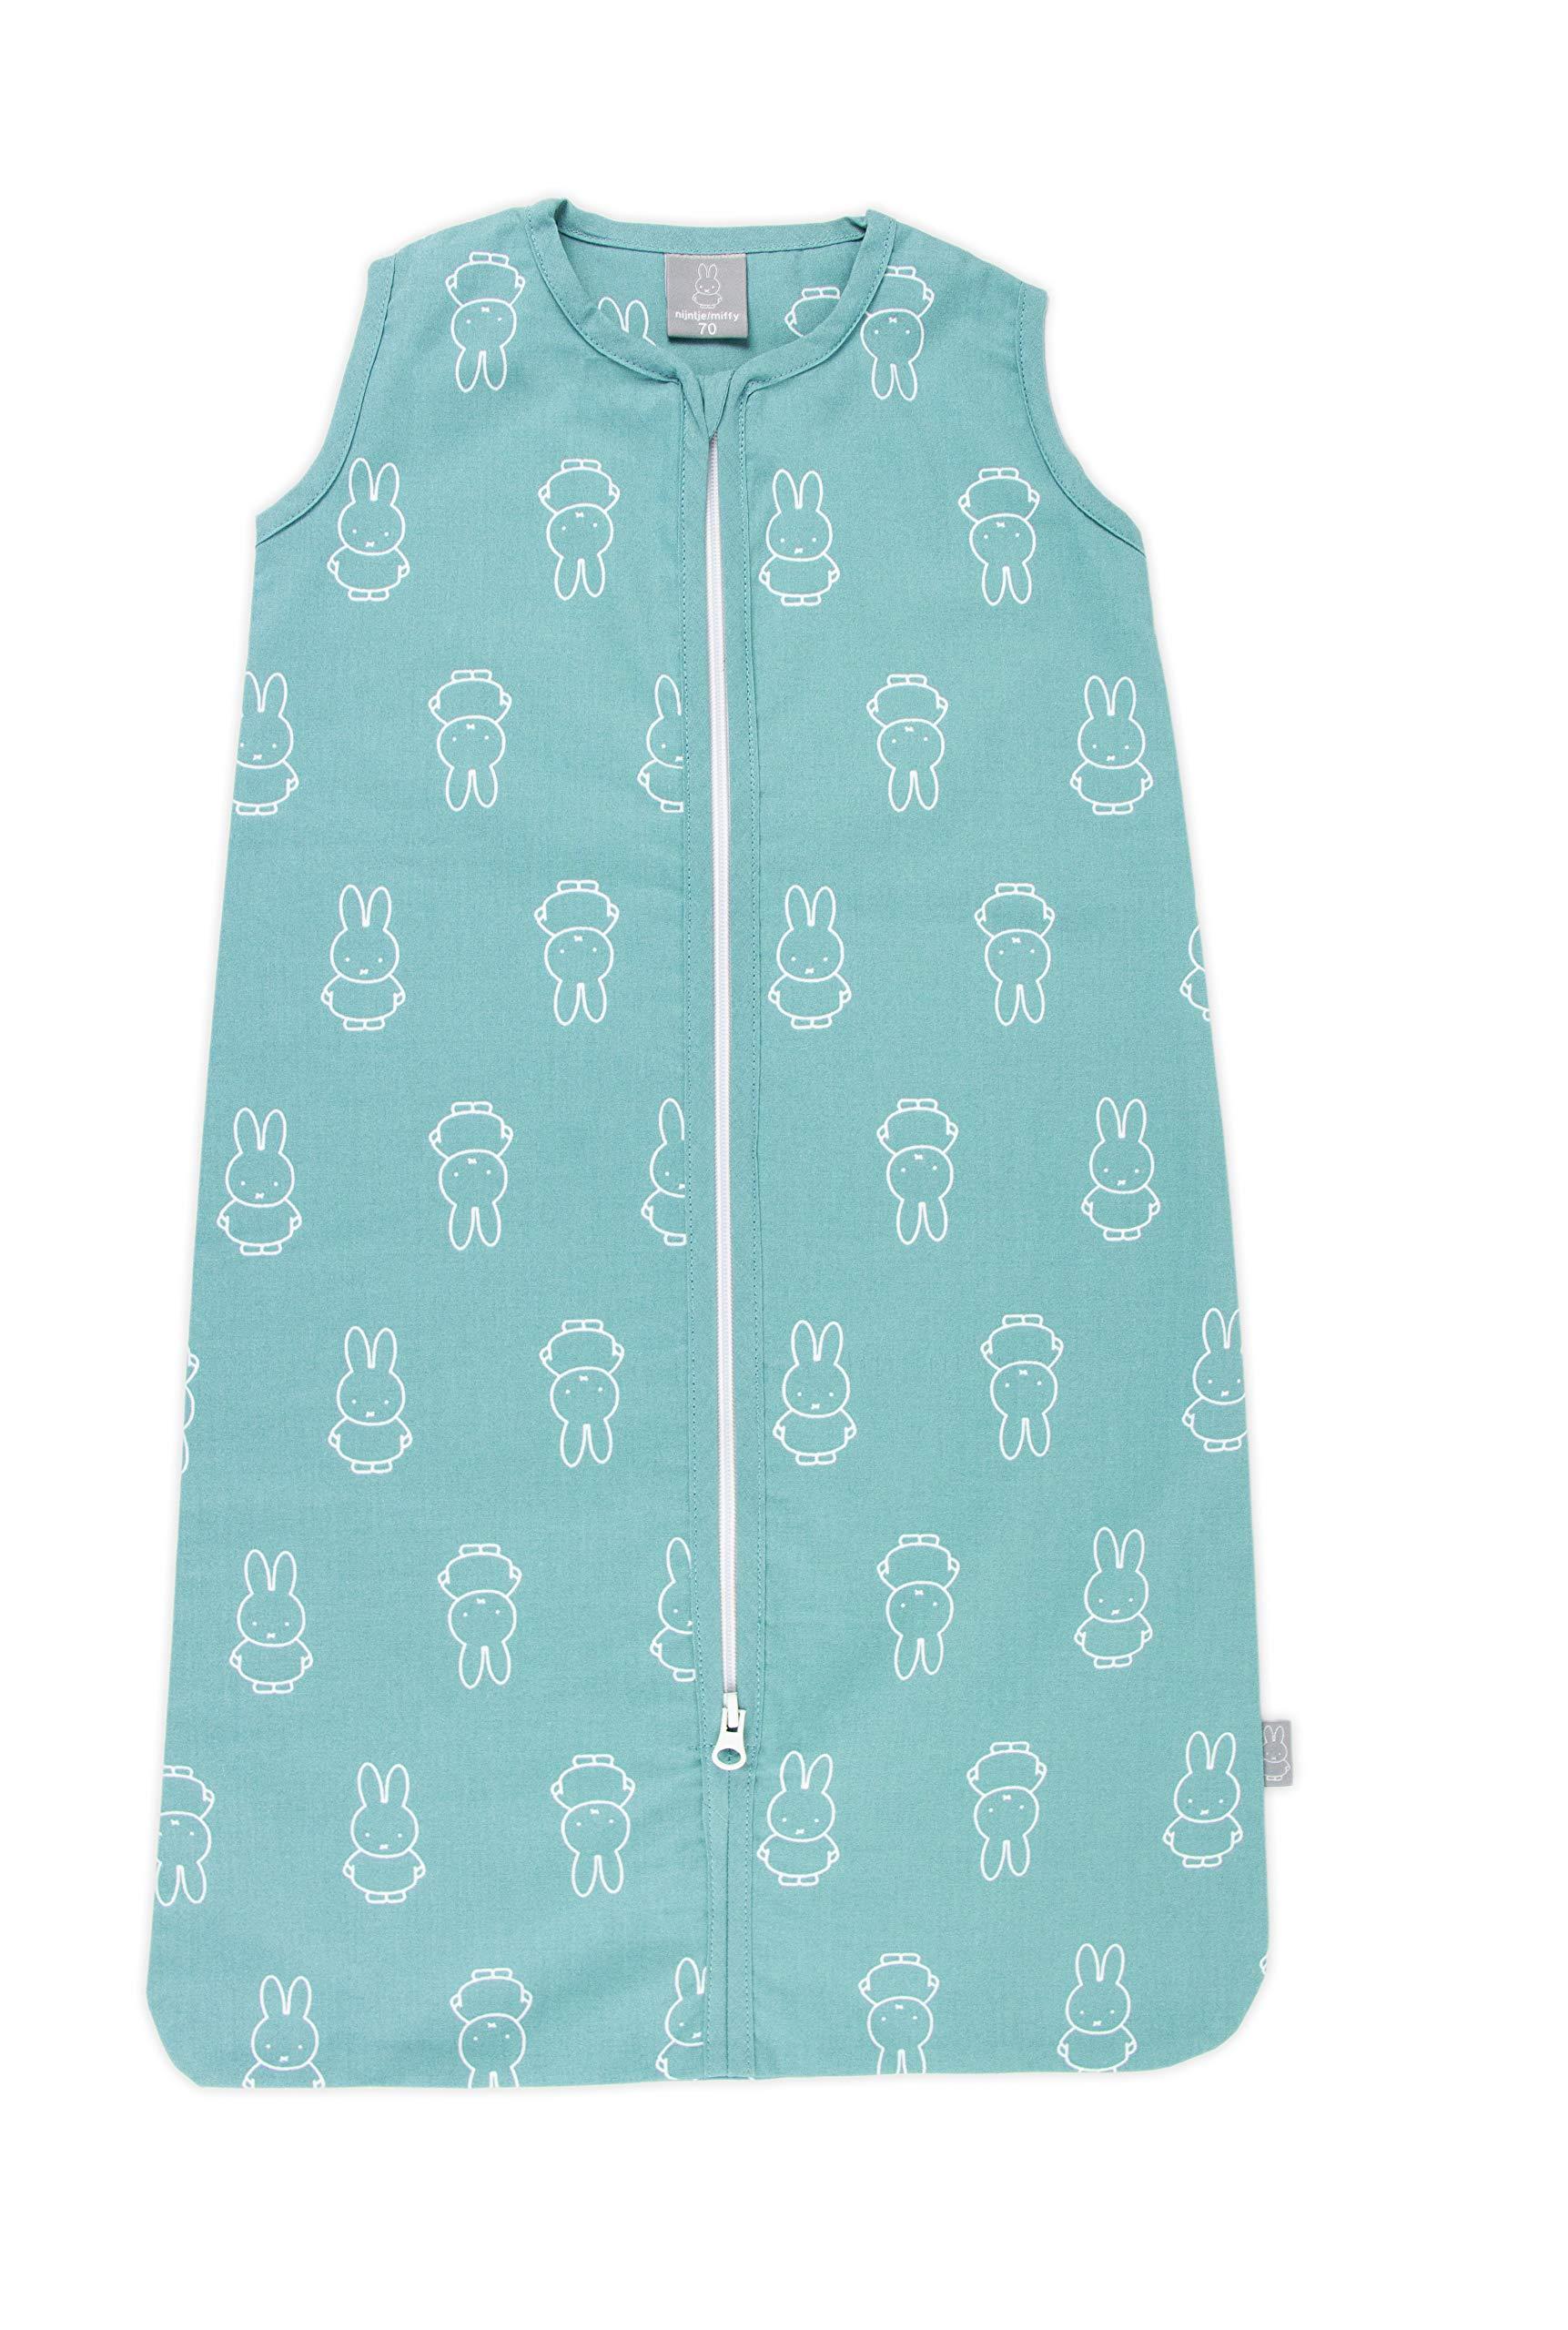 Miffy Light Ocean – Saco de dormir de verano para bebé (90 cm, con cremallera)